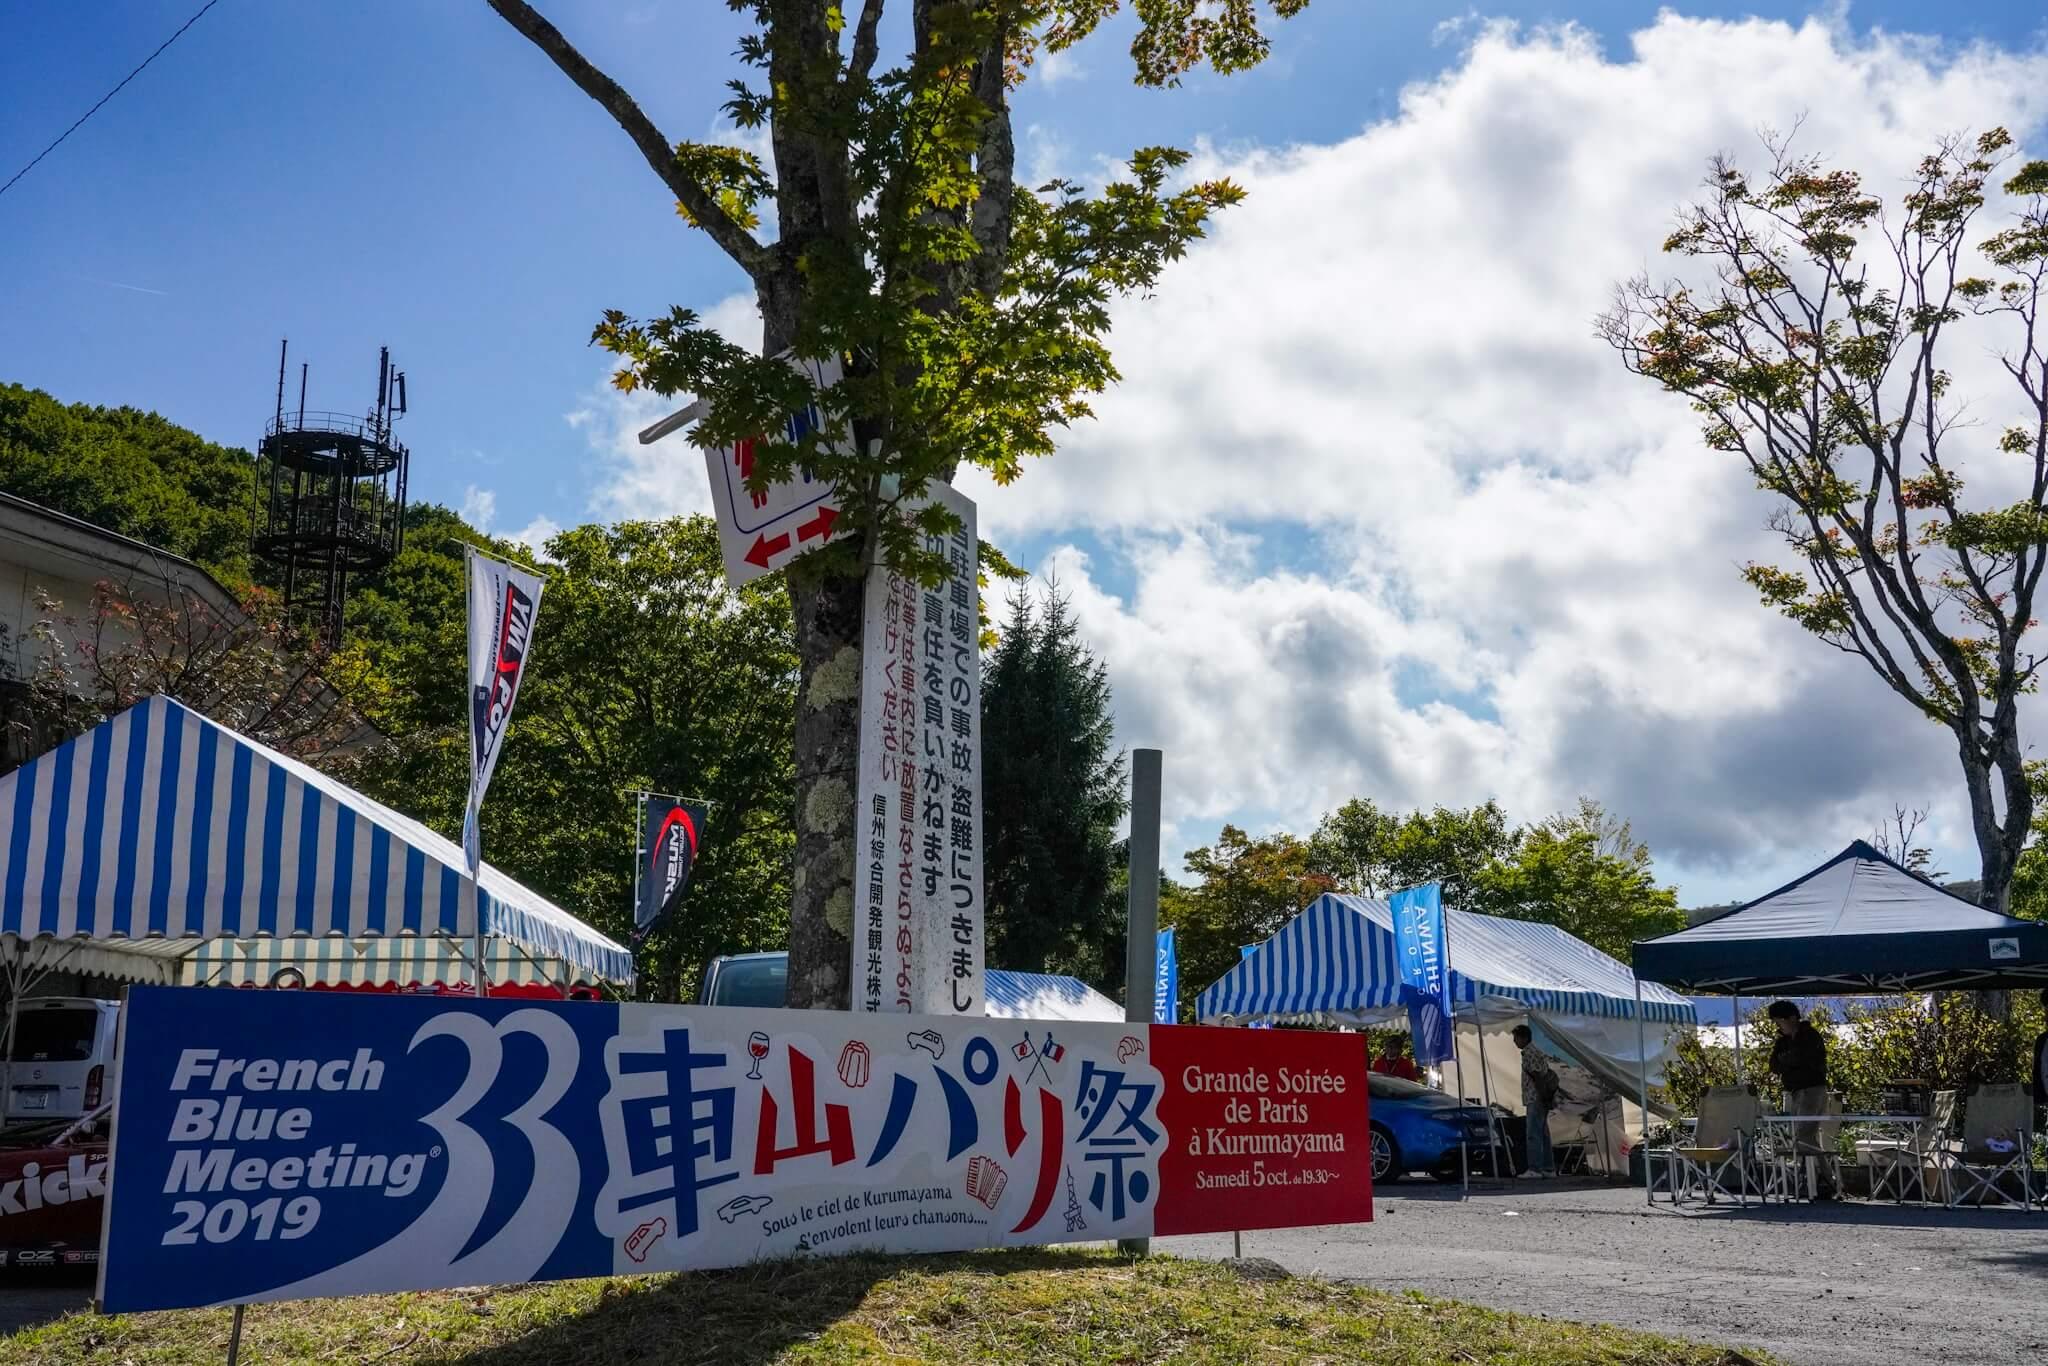 フランス車の祭典「フレンチブルーミーティング」に3000台以上集結か|取材レポ